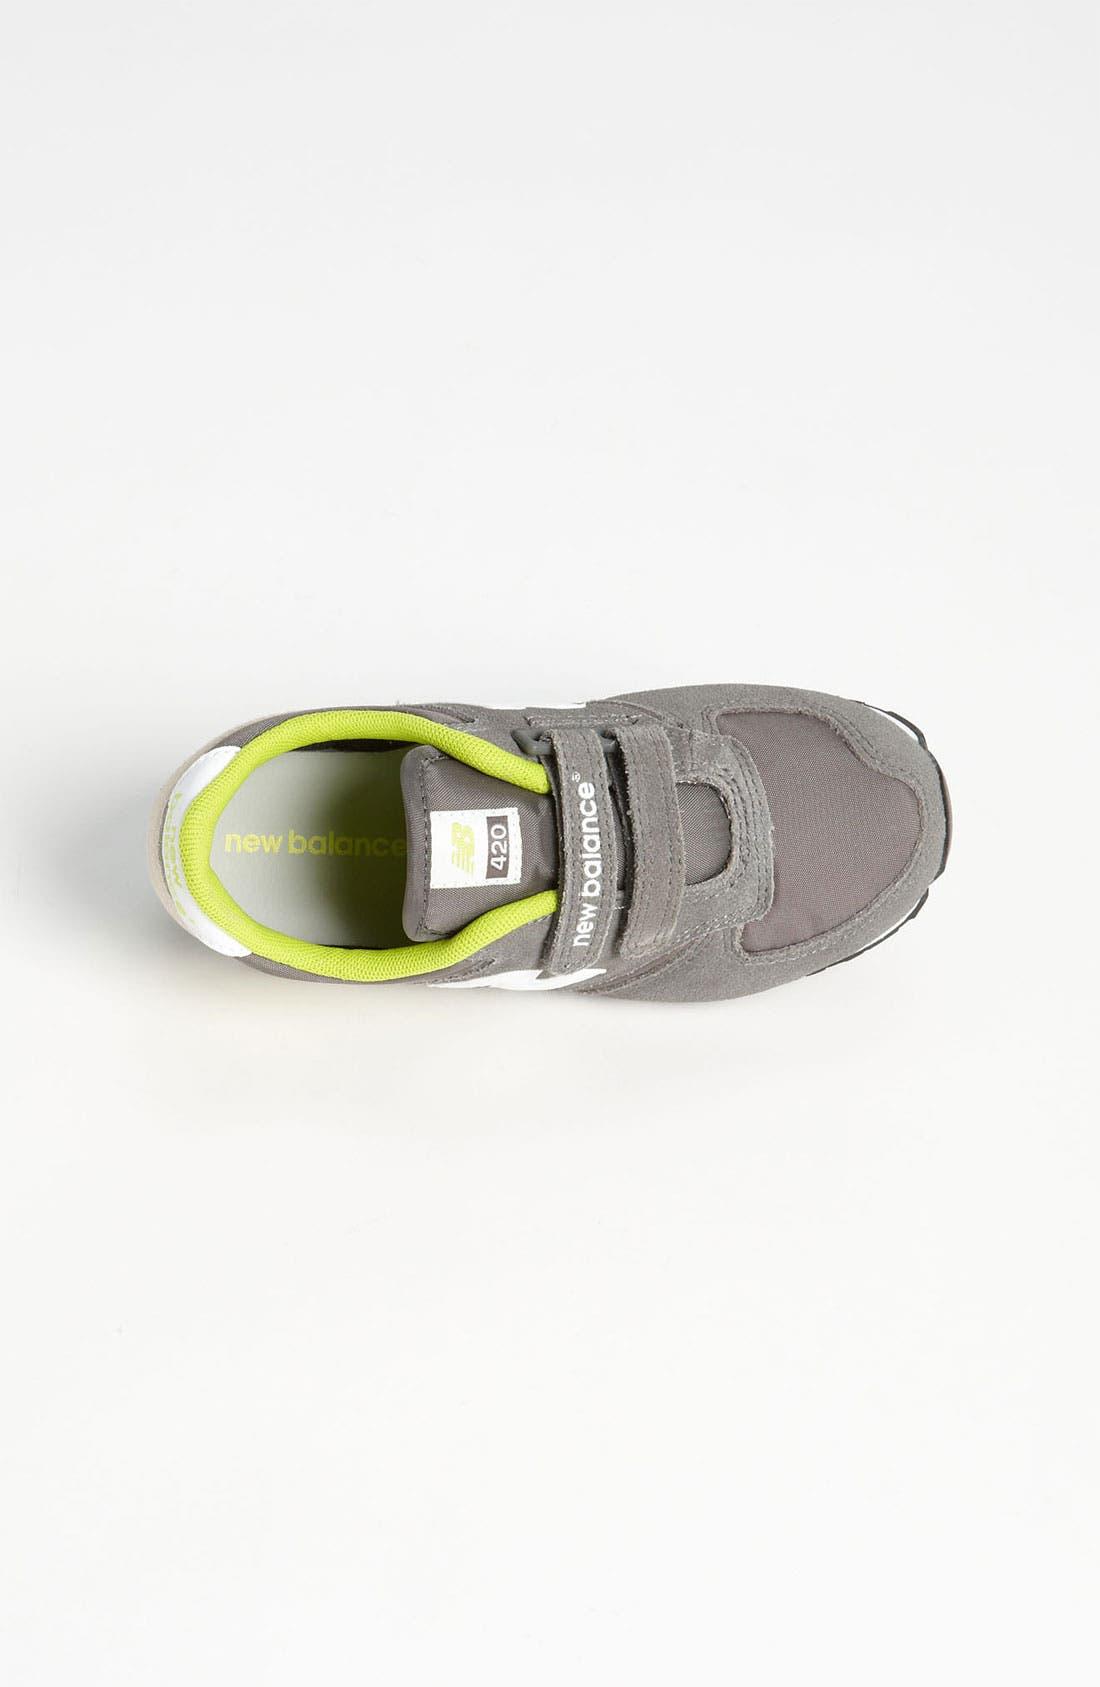 Alternate Image 3  - New Balance '420 Take Down' Sneaker (Toddler, Little Kid & Big Kid)